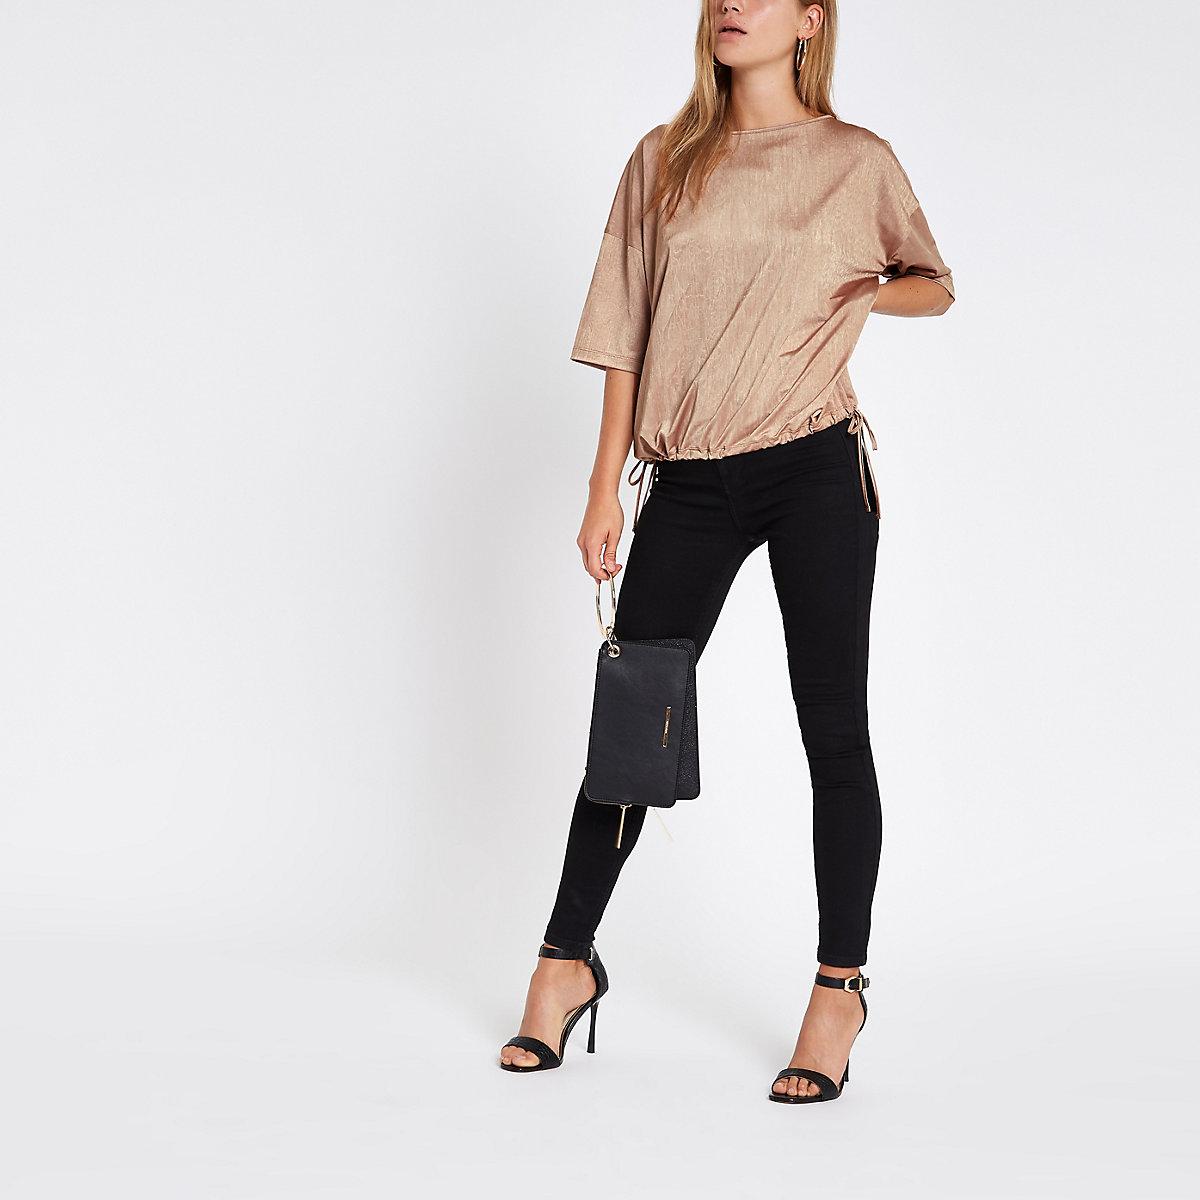 Beige short sleeve elasticated hem top